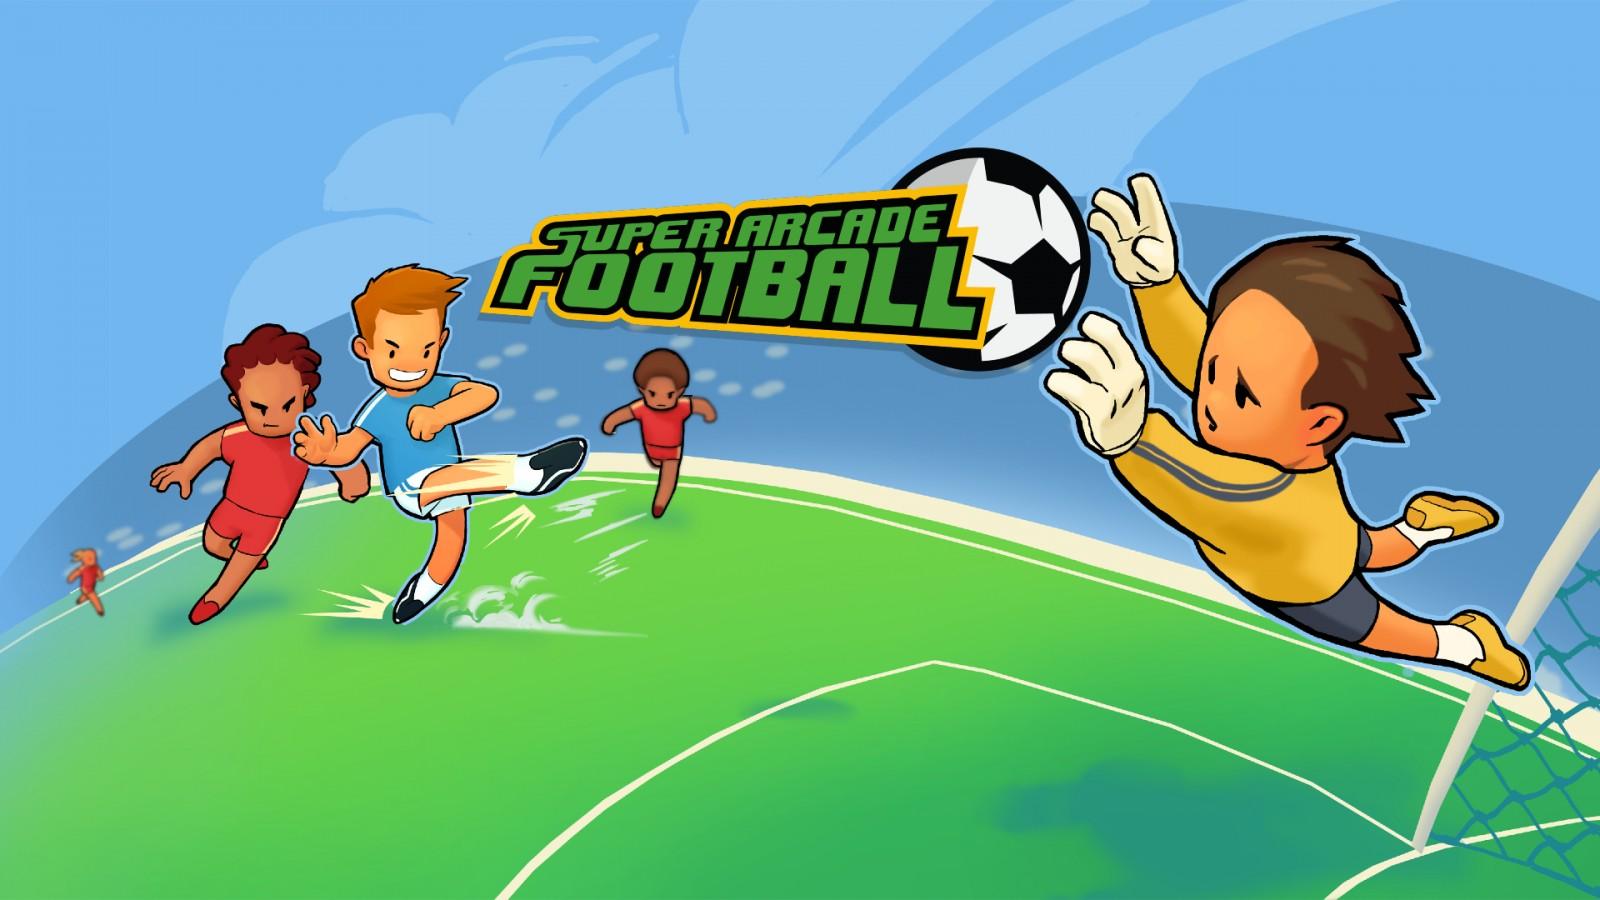 Super Arcade Football: Conoce este juego en 2D que nos recuerda a los títulos clásicos de futbol